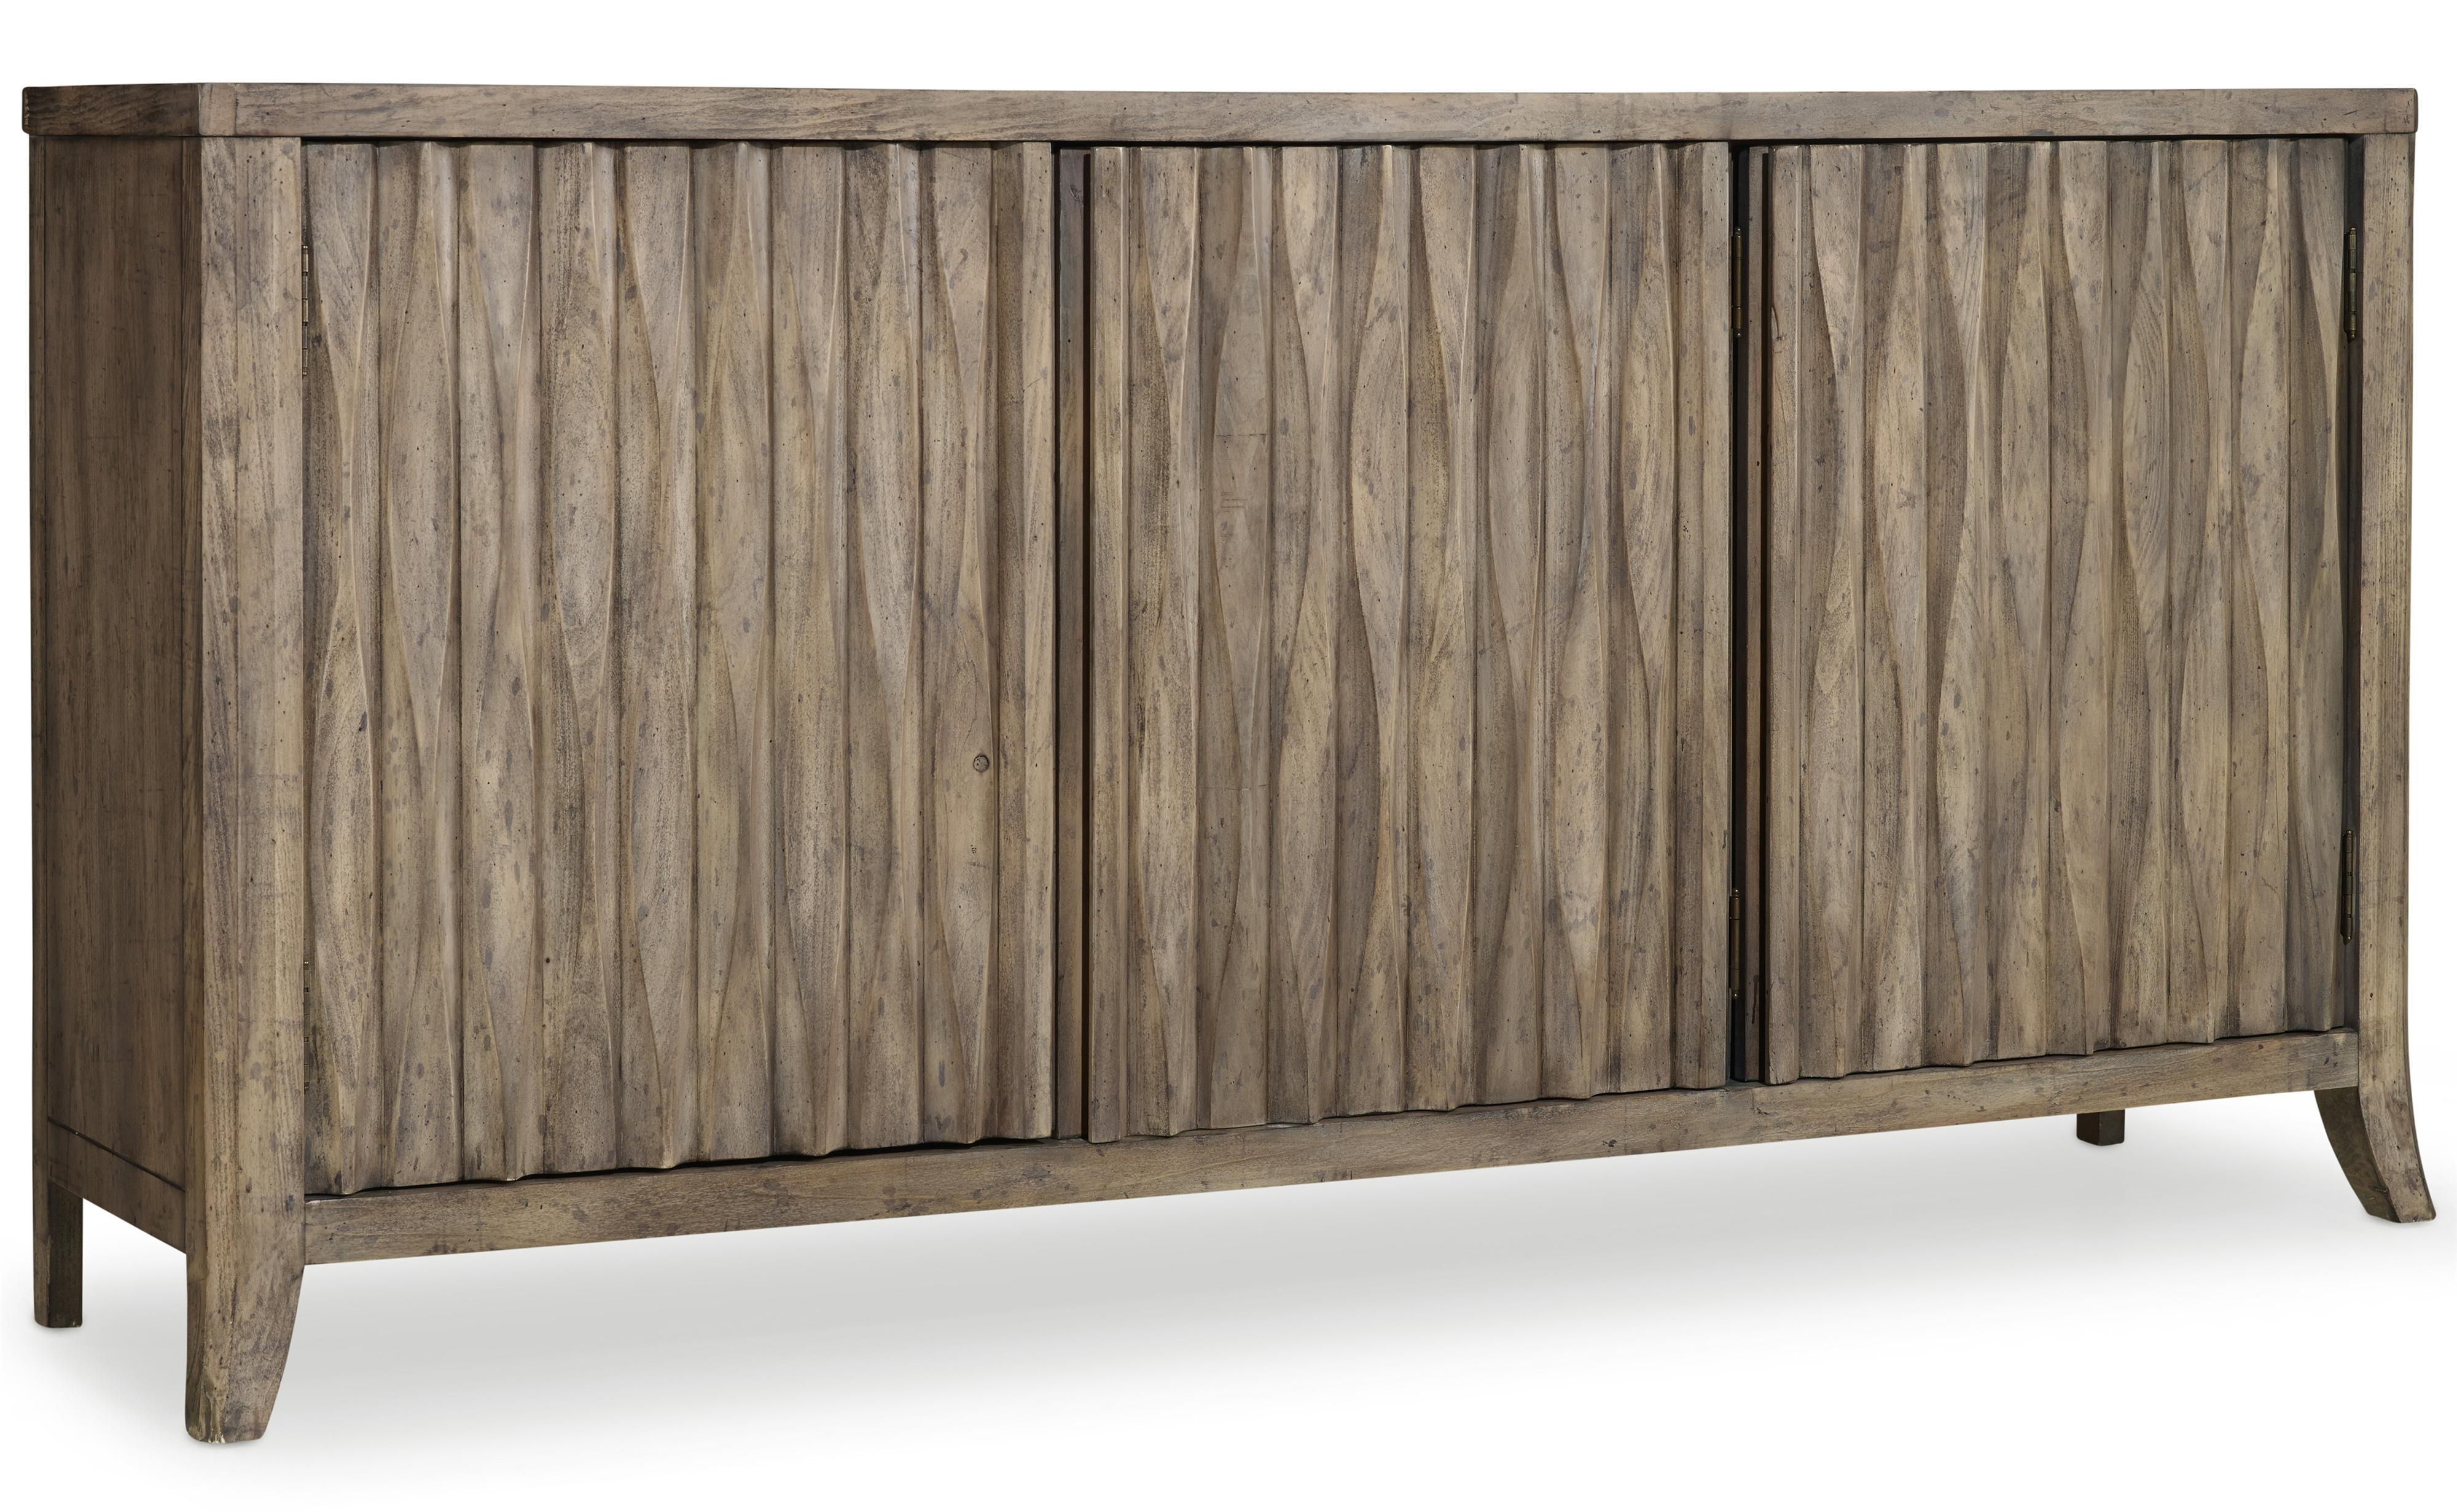 Hooker Furniture Mélange Kashton Credenza - Item Number: 638-85106